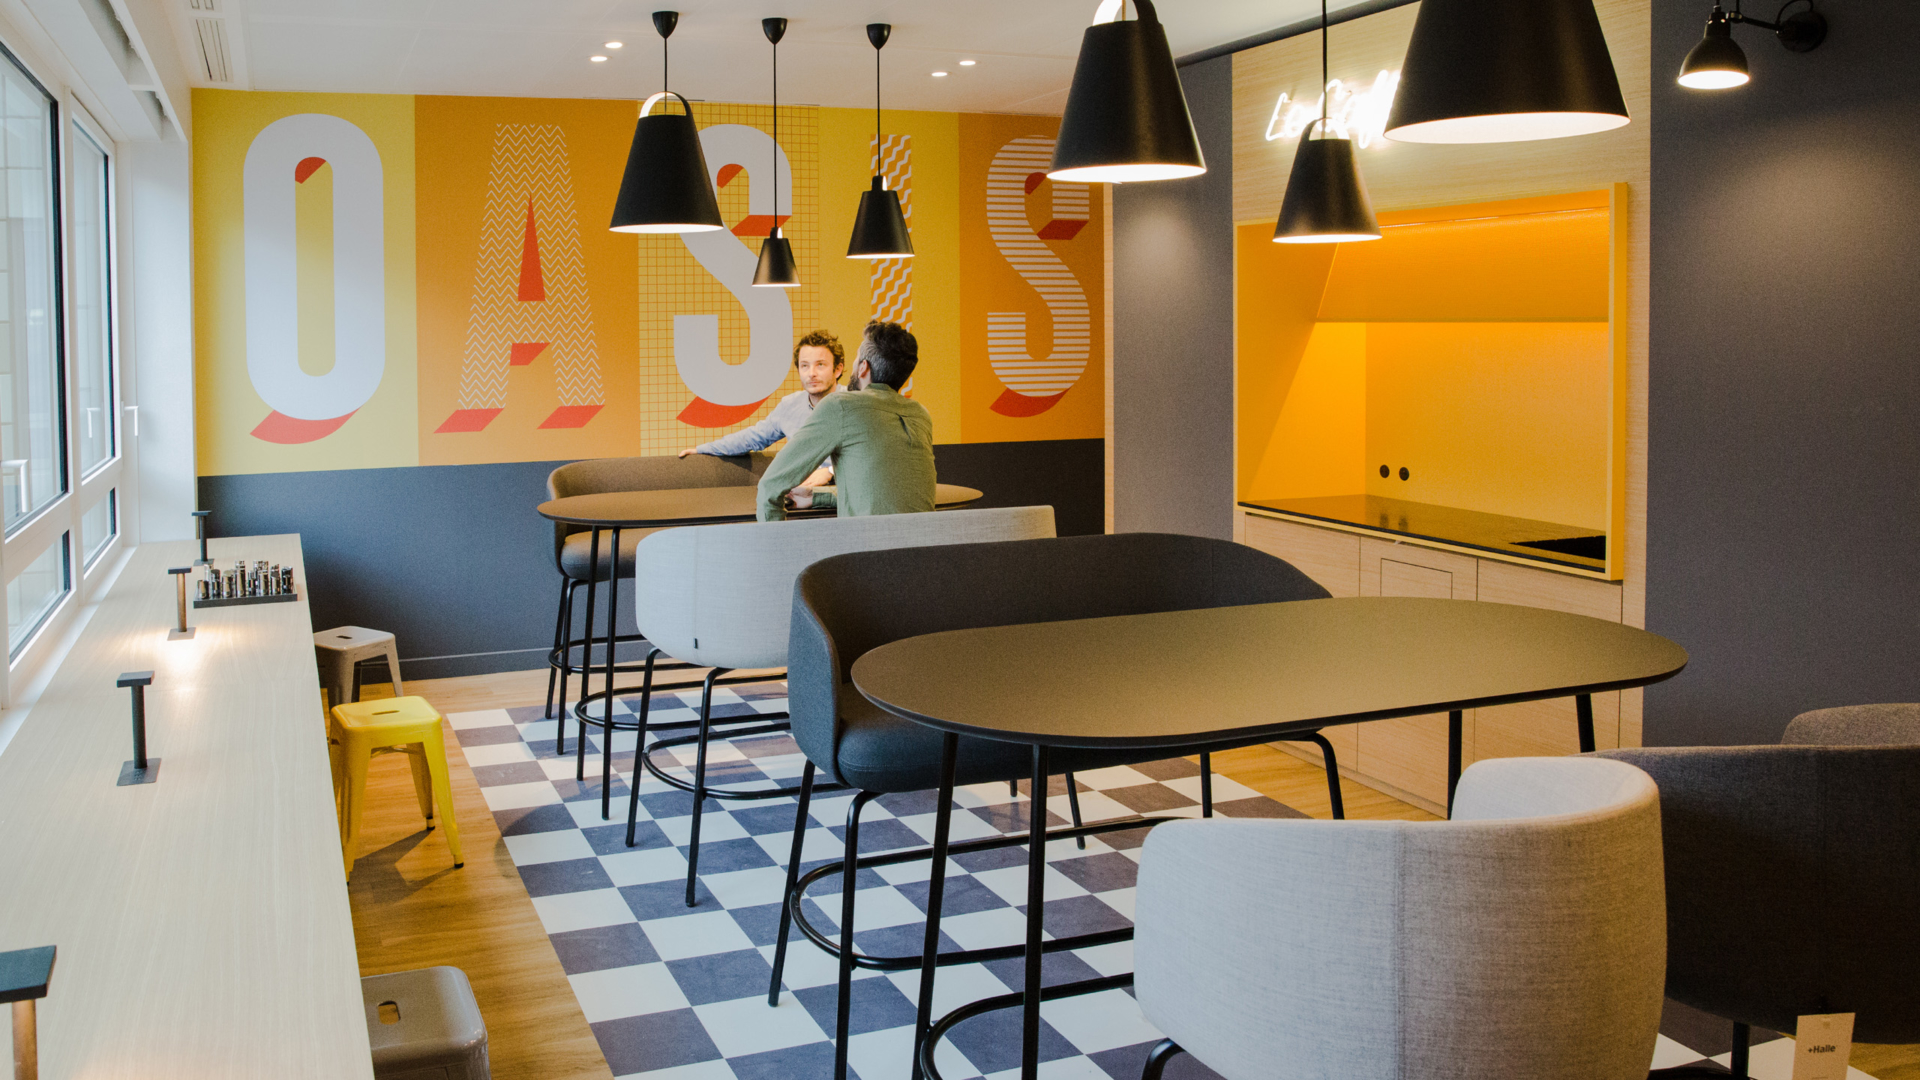 conseil r gional le de france saguez partners. Black Bedroom Furniture Sets. Home Design Ideas